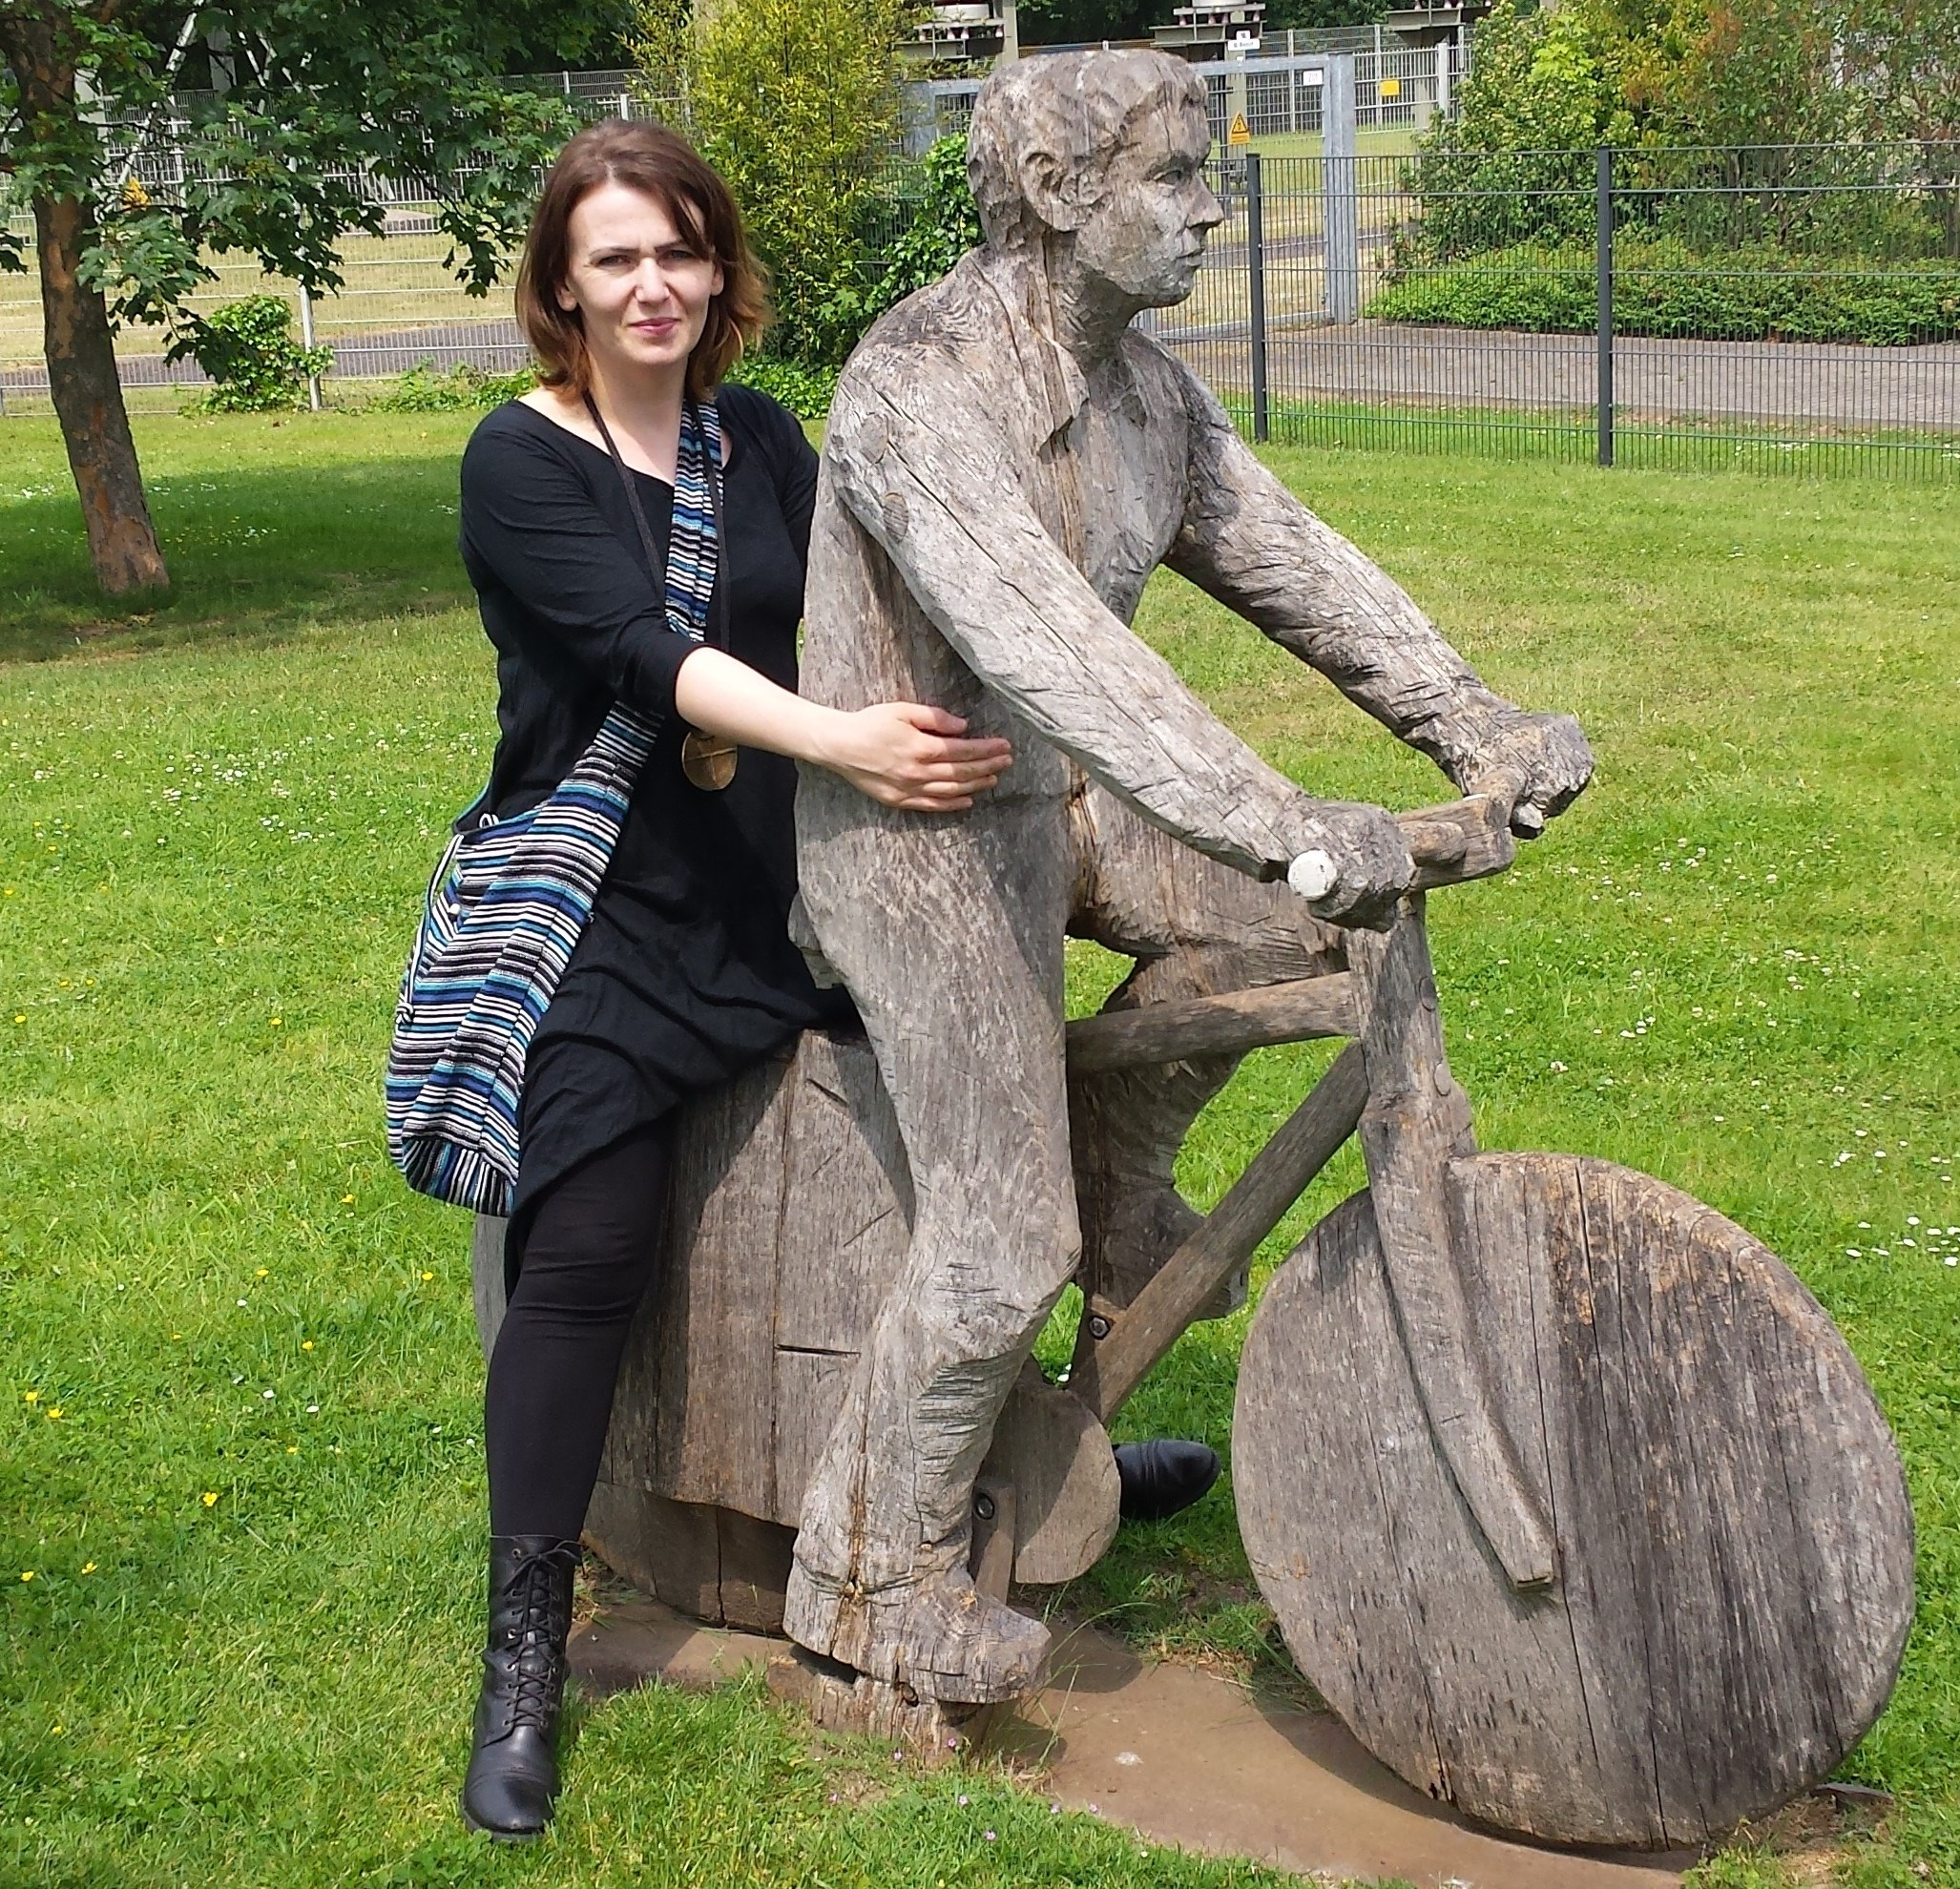 Kobieta siedzi na kamiennej rzeźbie w kształcie postaci człowieka na rowerze.